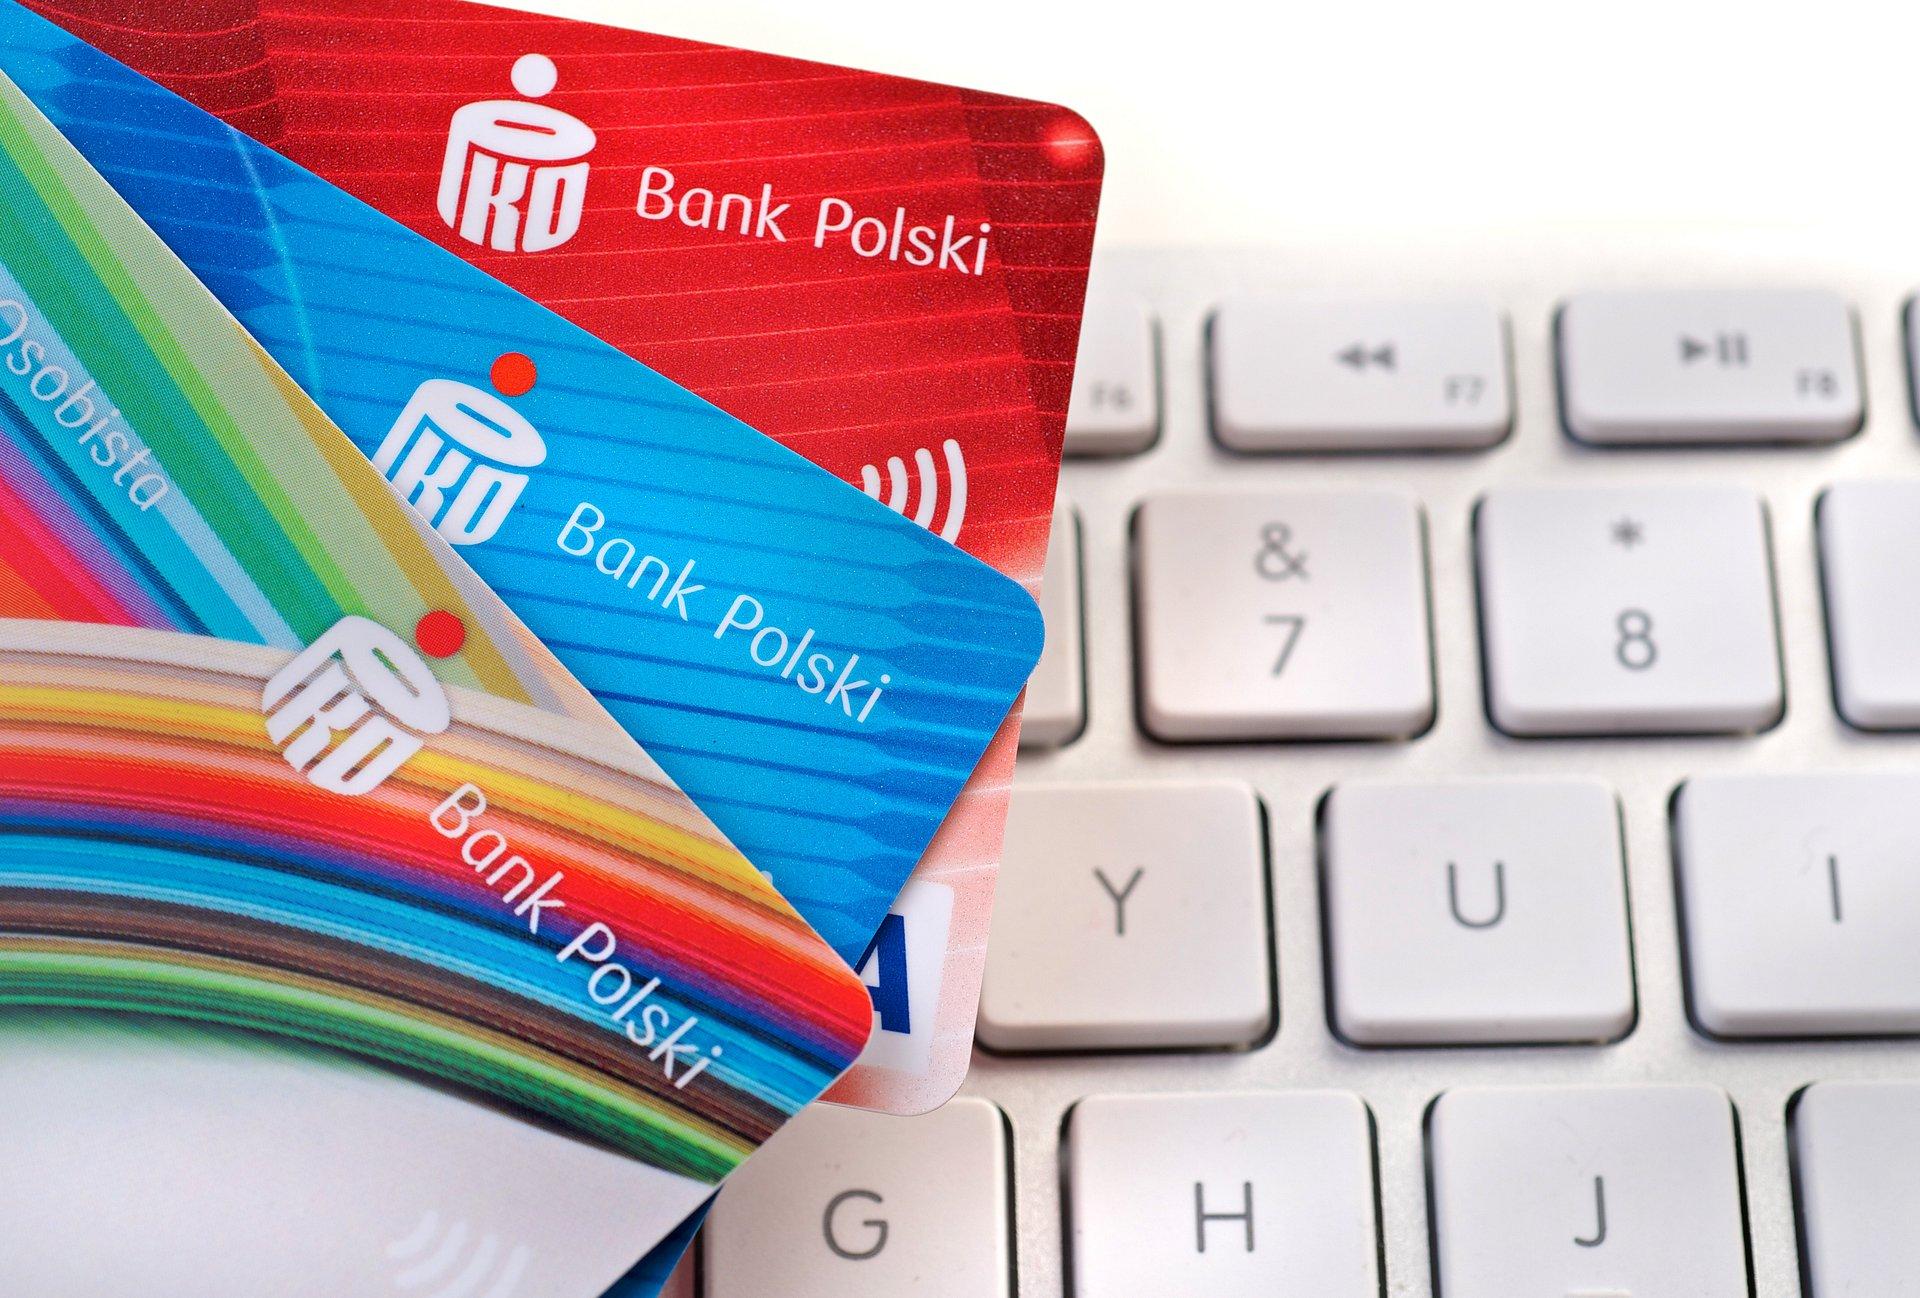 Wakacyjne promocje w PKO Banku Polskim